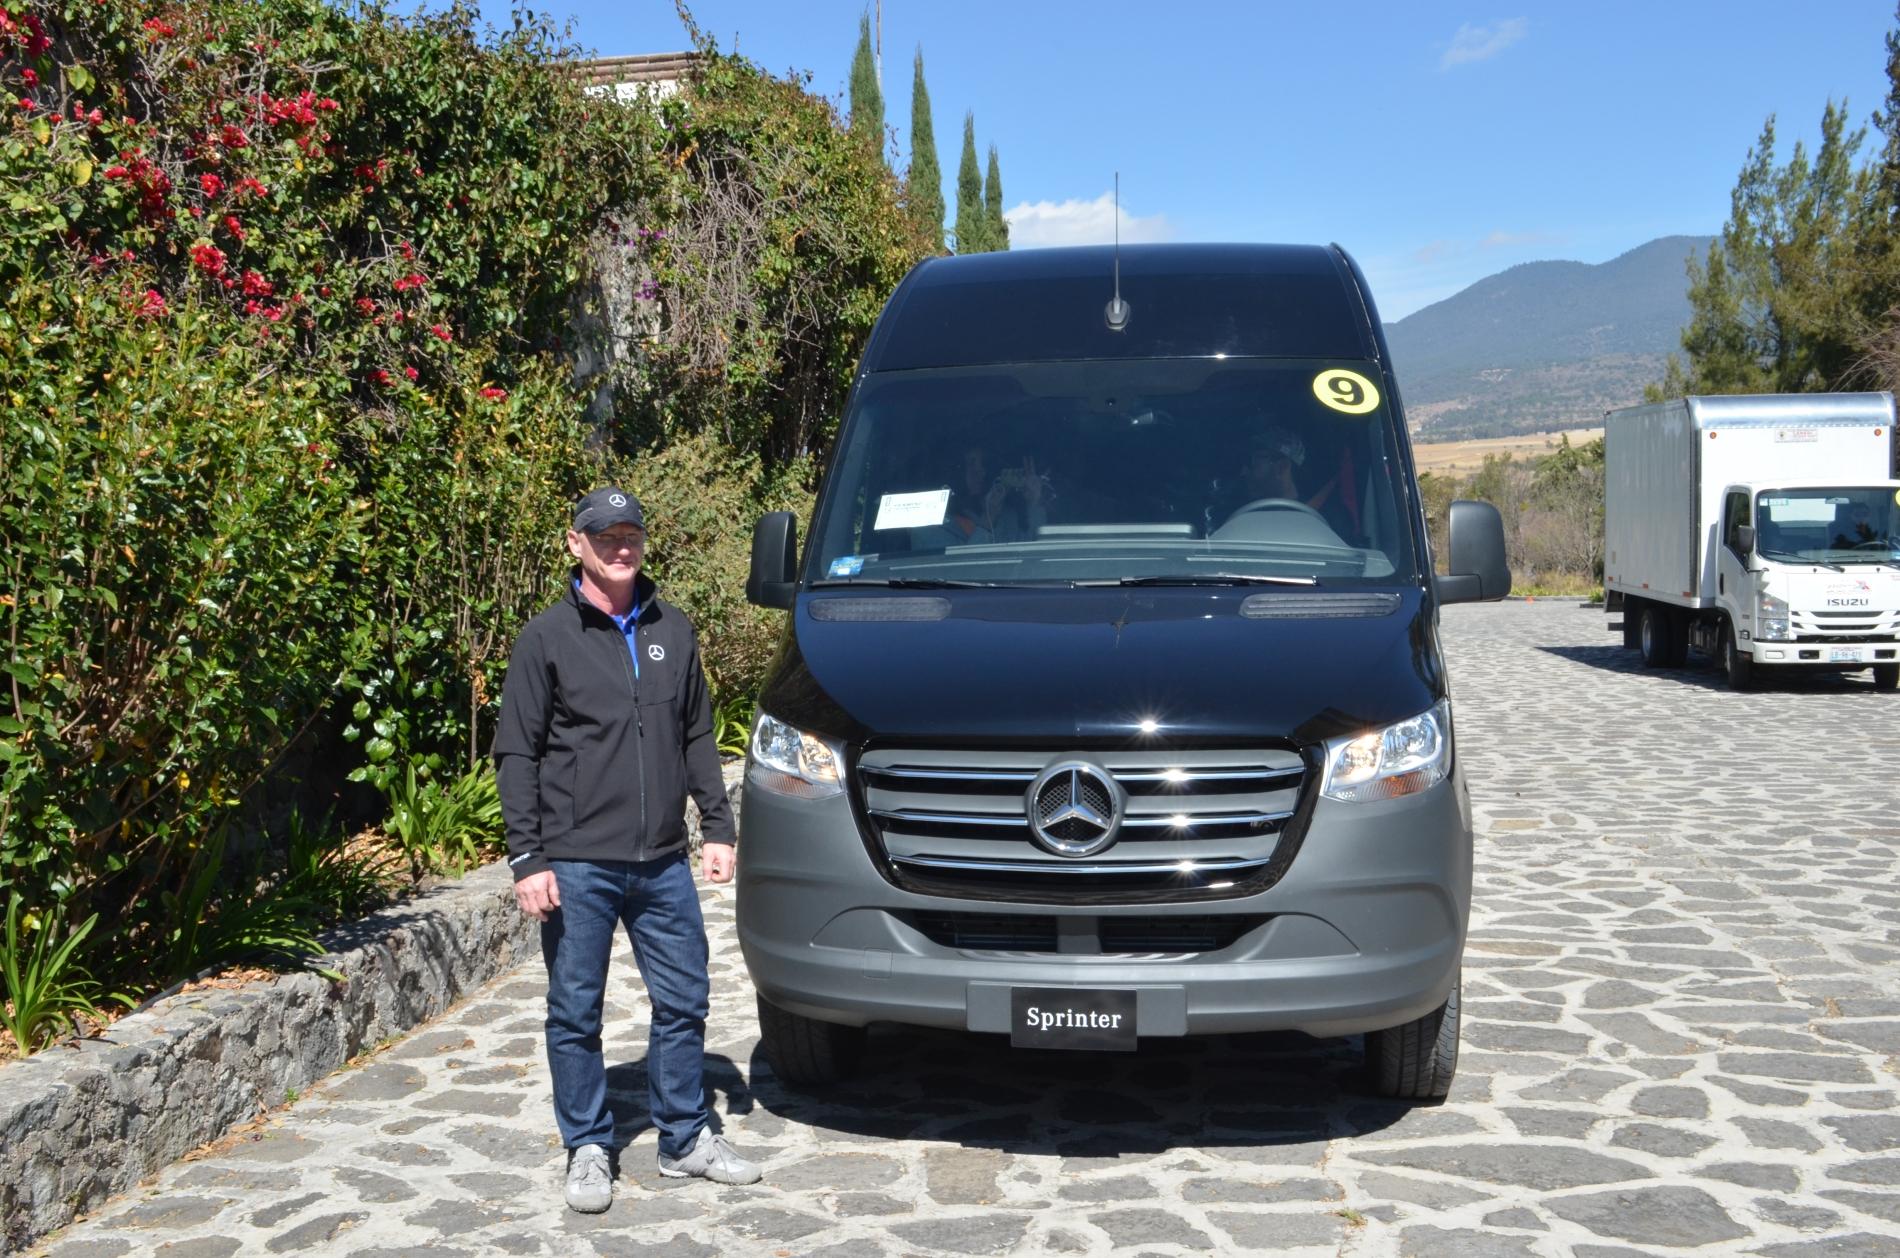 Nueva Sprinter de Mercedes-Benz: tercera revolución en el segmento de vanes